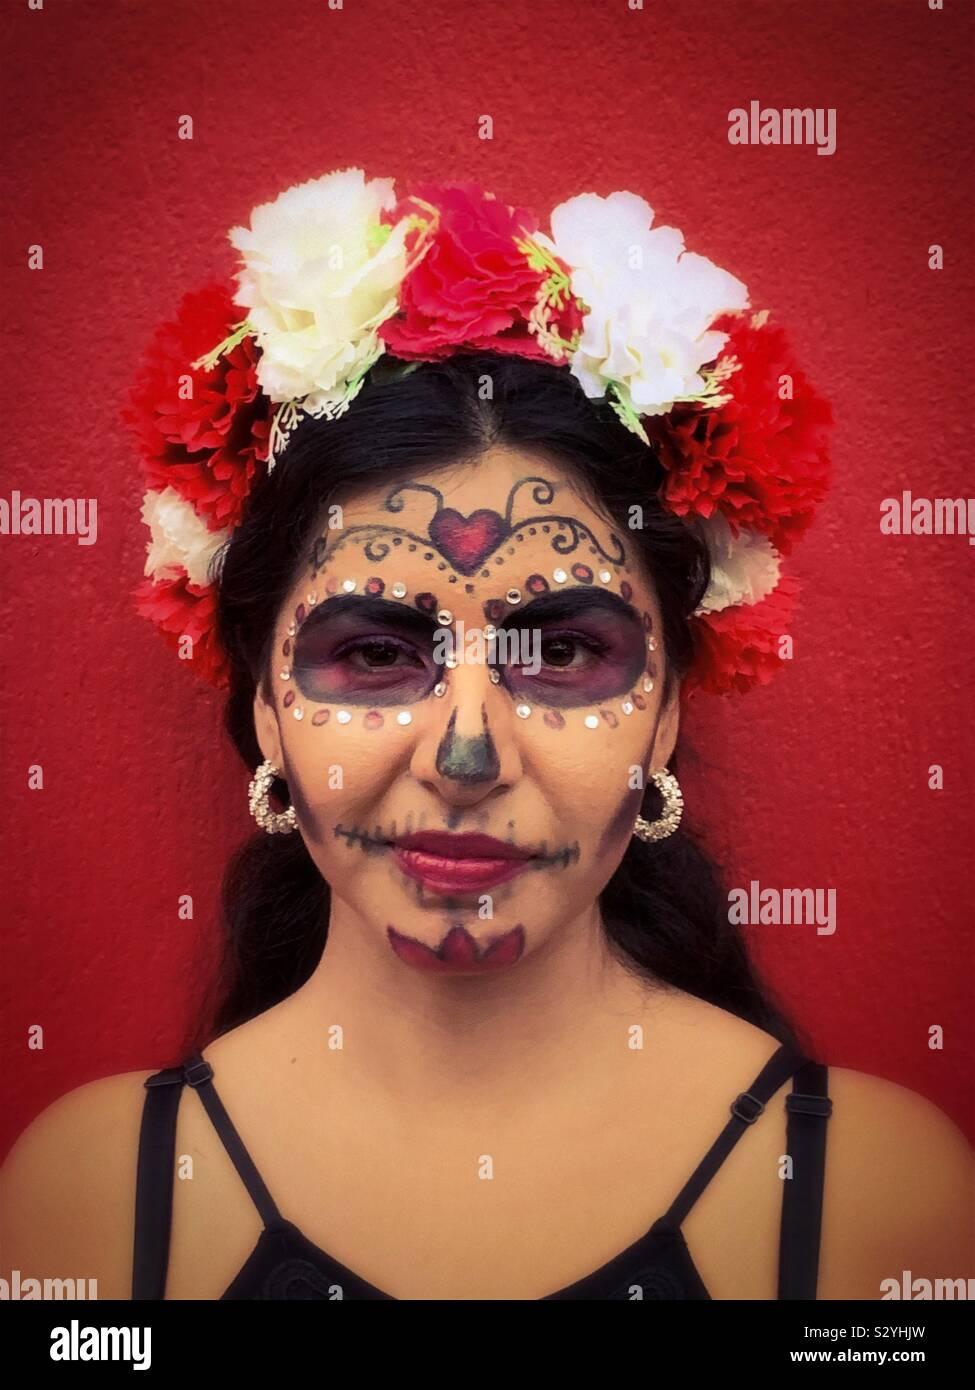 Eine junge Frau mit ihrem Gesicht wie ein catrina Kleider bis für eine Halloween Party in Ajijic, Mexiko gemalt. Stockfoto